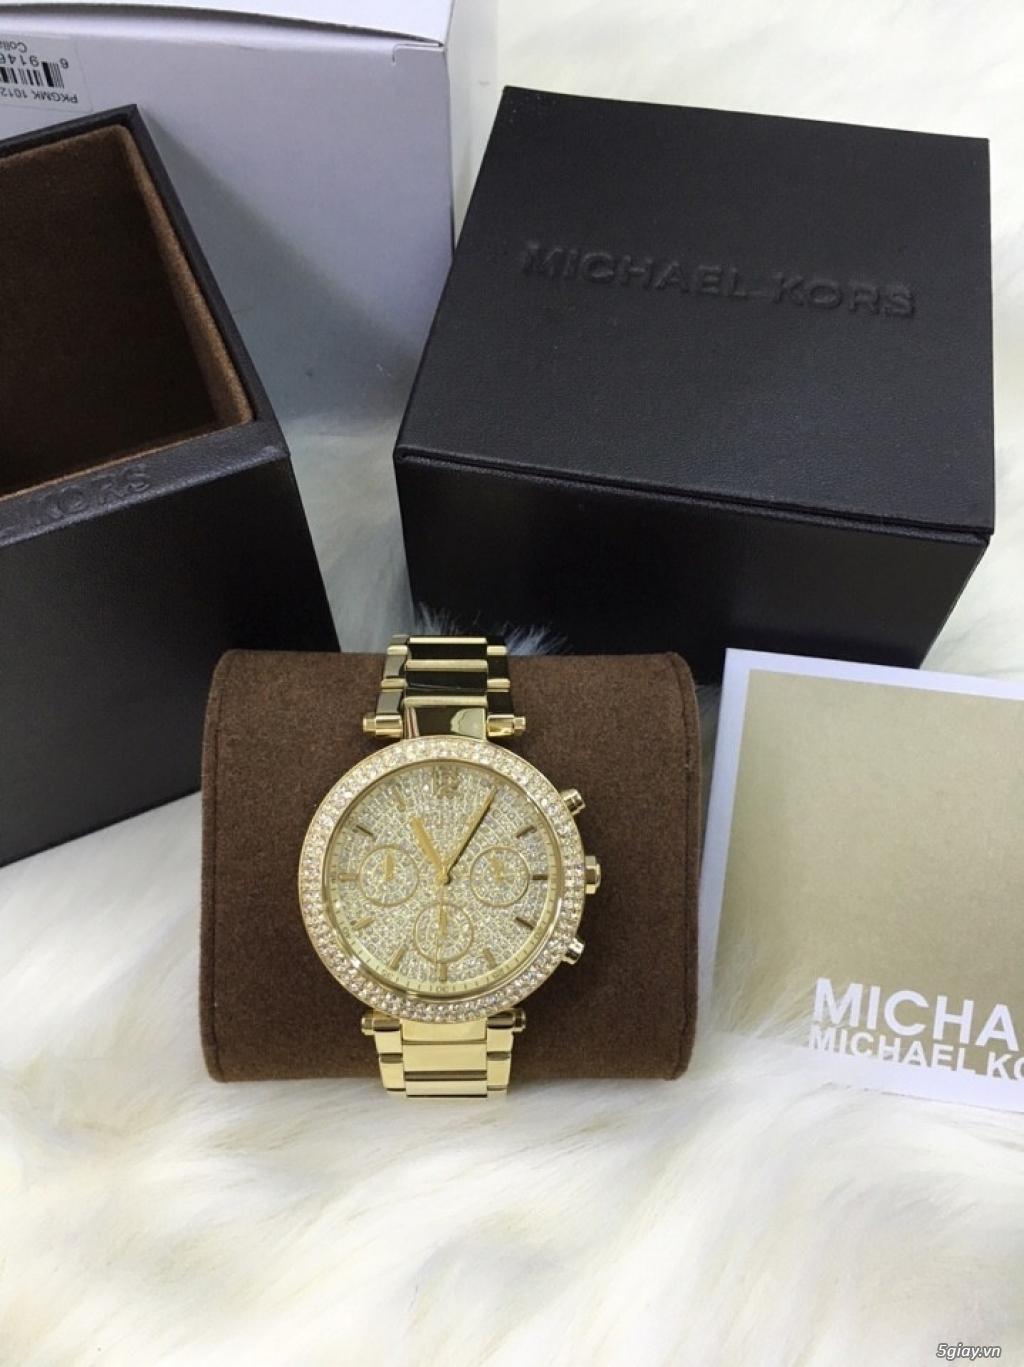 Đồng hồ chính hãng Michael Kors giá rẻ - 23